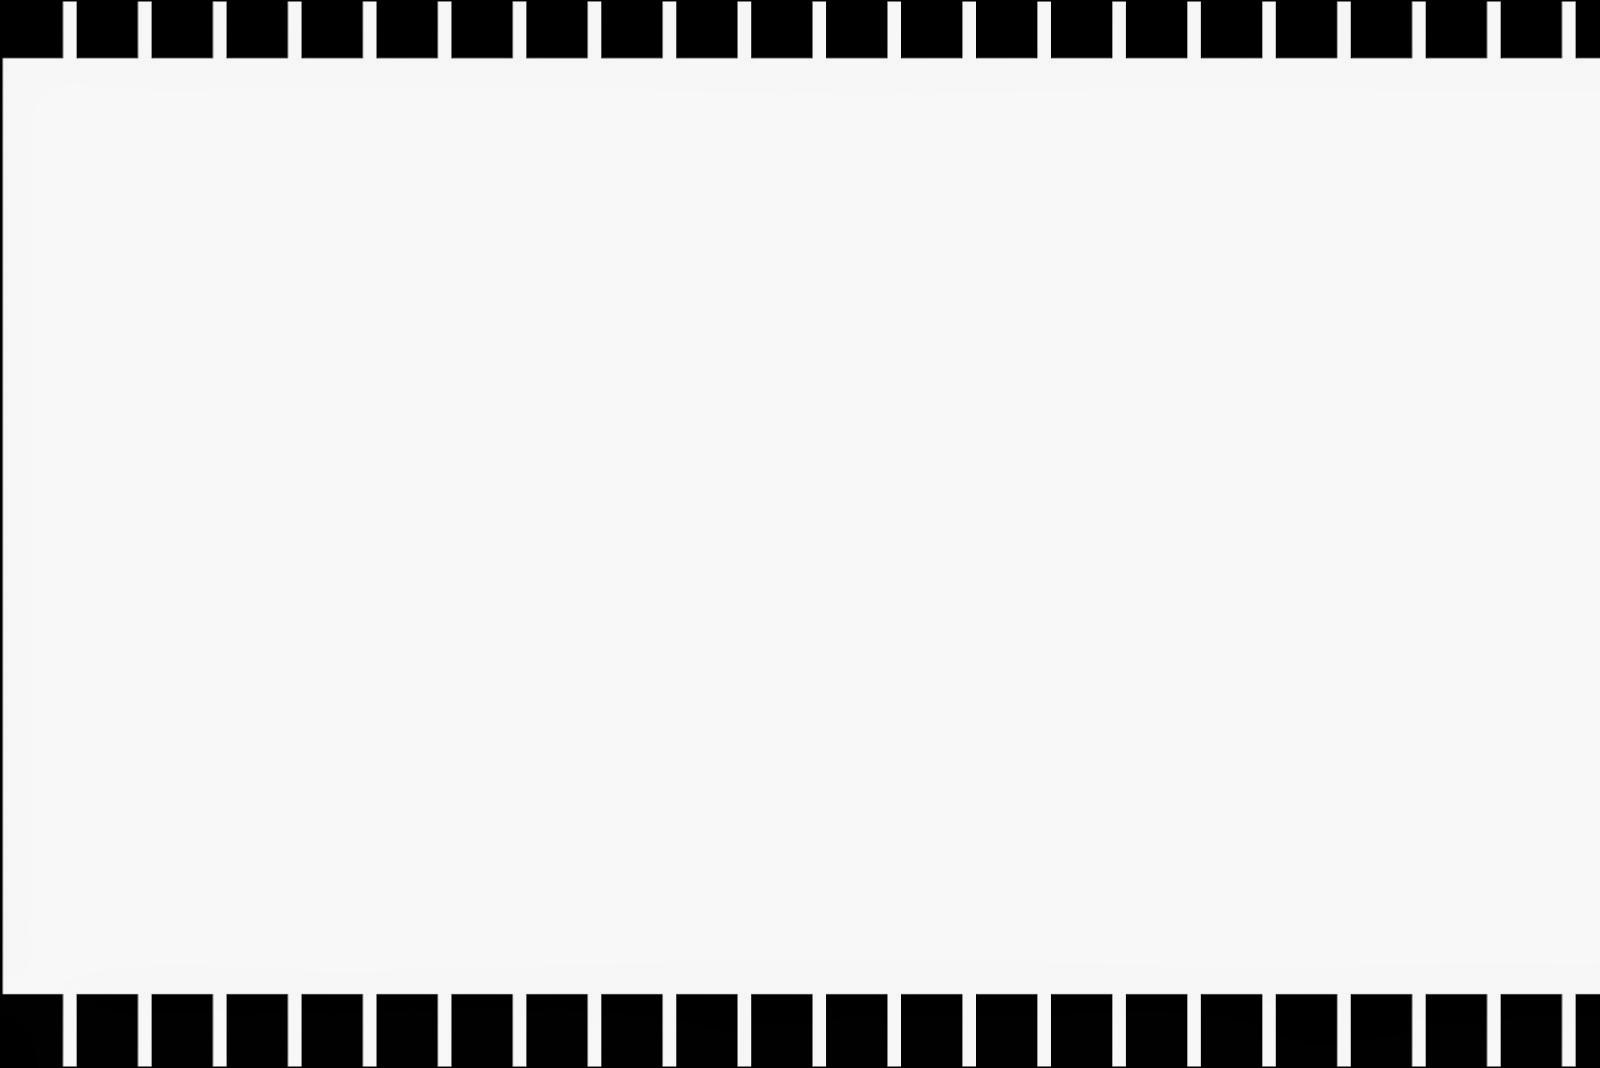 Para hacer invitaciones, tarjetas, marcos de fotos o etiquetas, para imprimir gratis de Rayas en Blanco y Negro